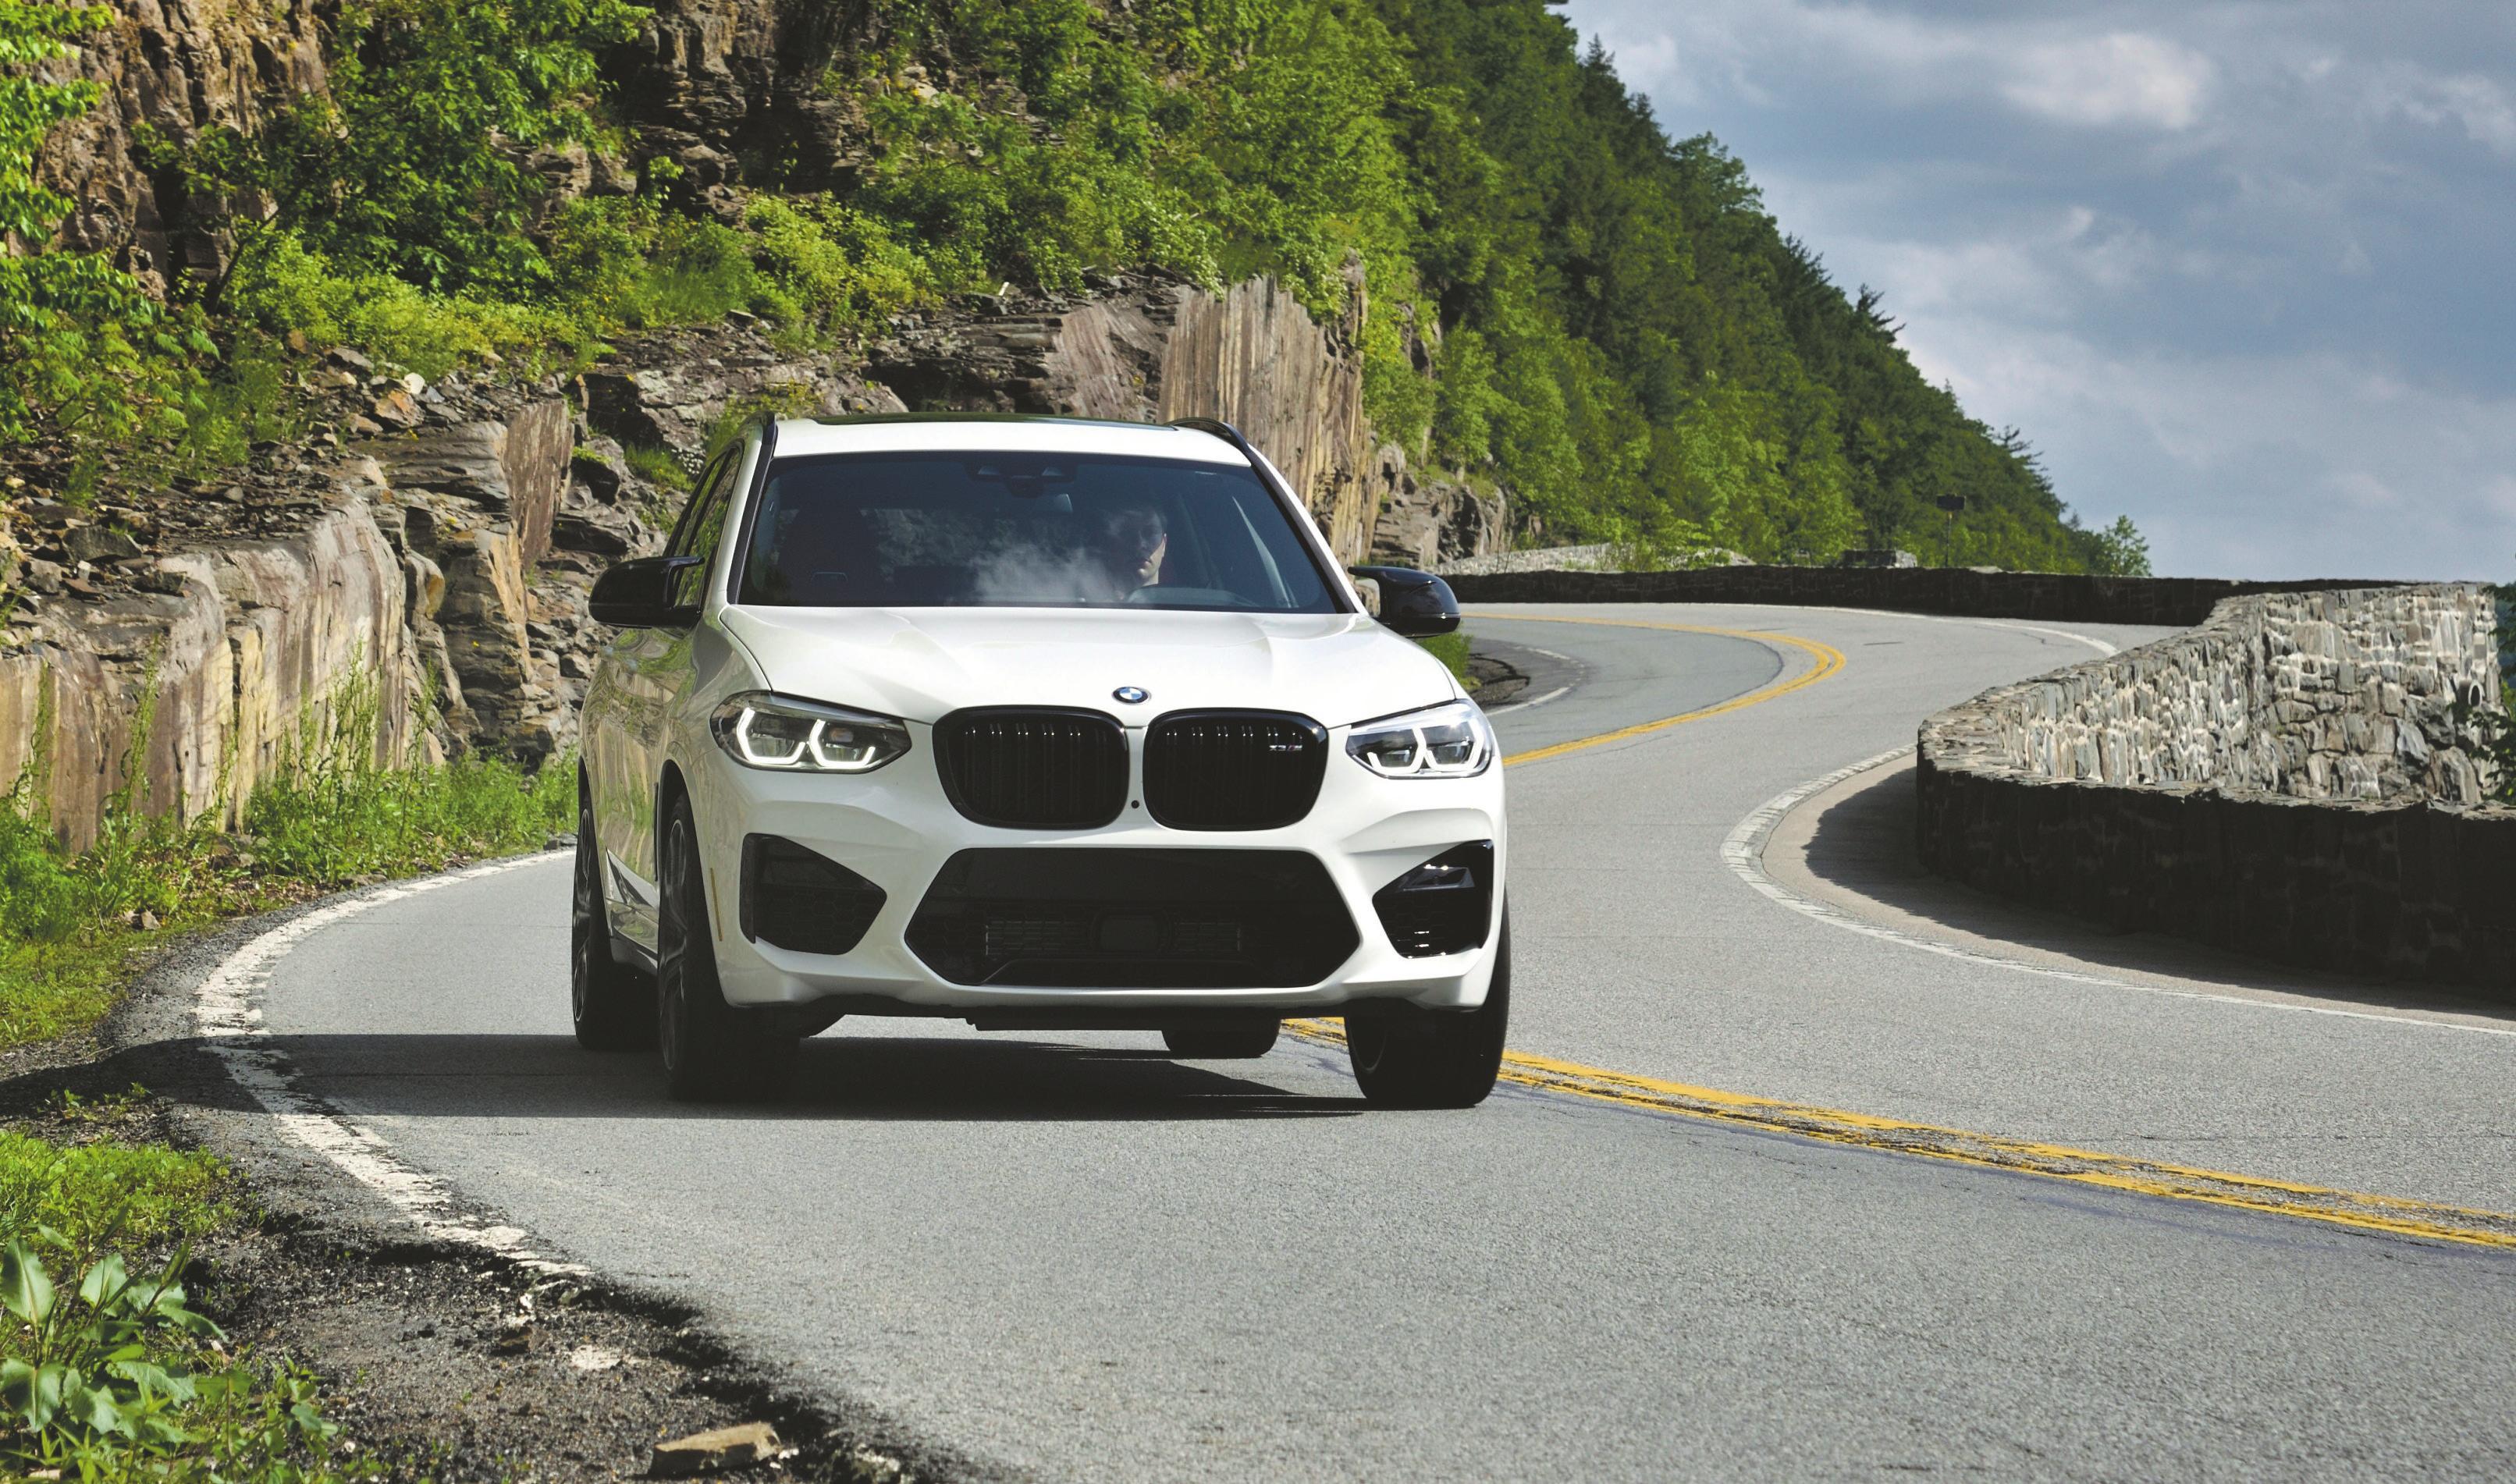 Kurvenkünstler: Der BMW X3 M Competition wedelt beeindruckend durch die Radien. Geopfert wurde dafür eine Portion Fahrkomfort. Bilder: PD